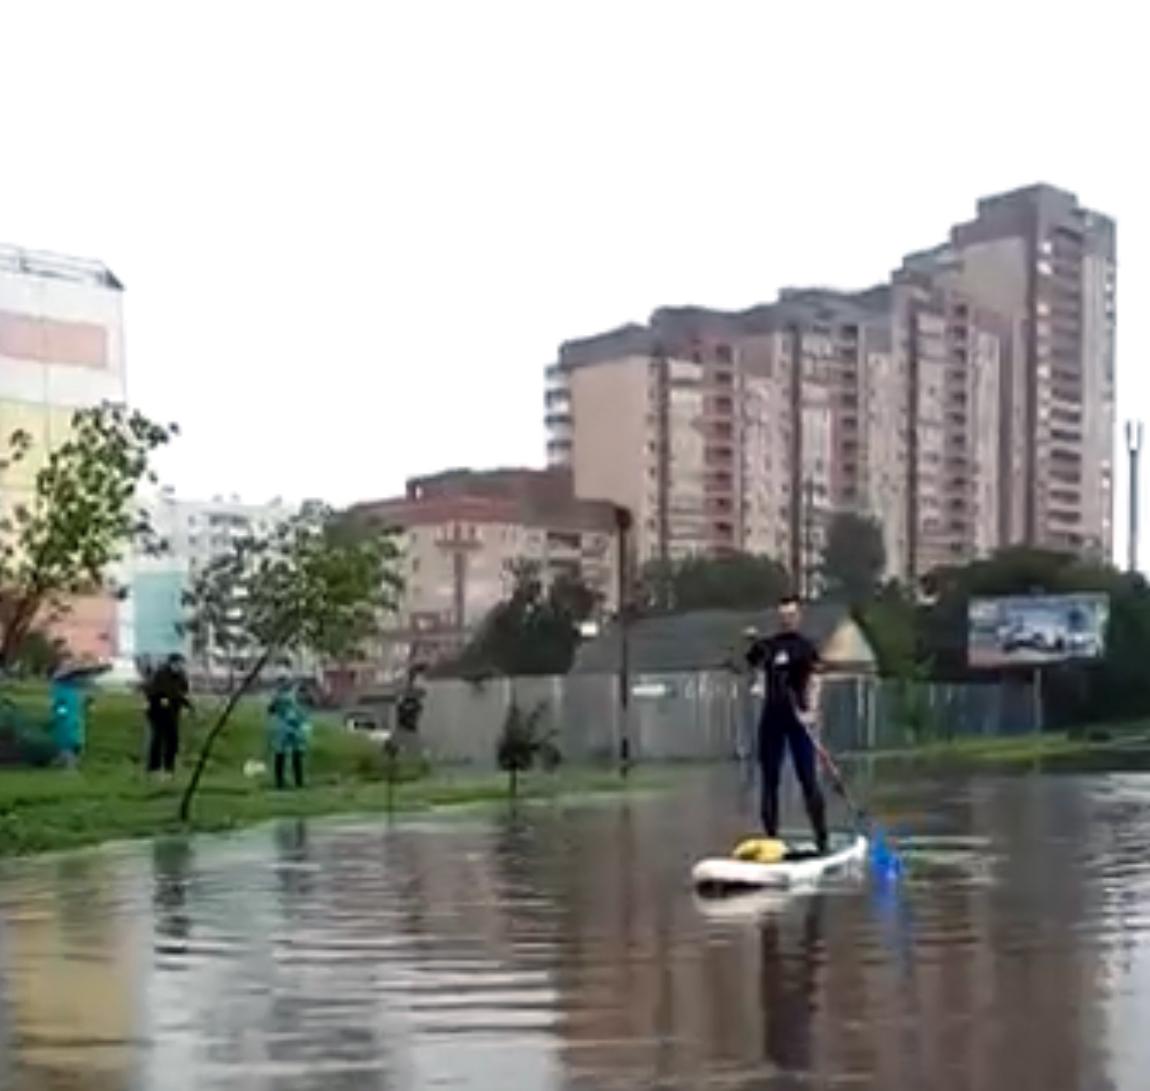 В Хабаровске по затопленной улице Флегонтова катаются на SUP-досках (ВИДЕО)